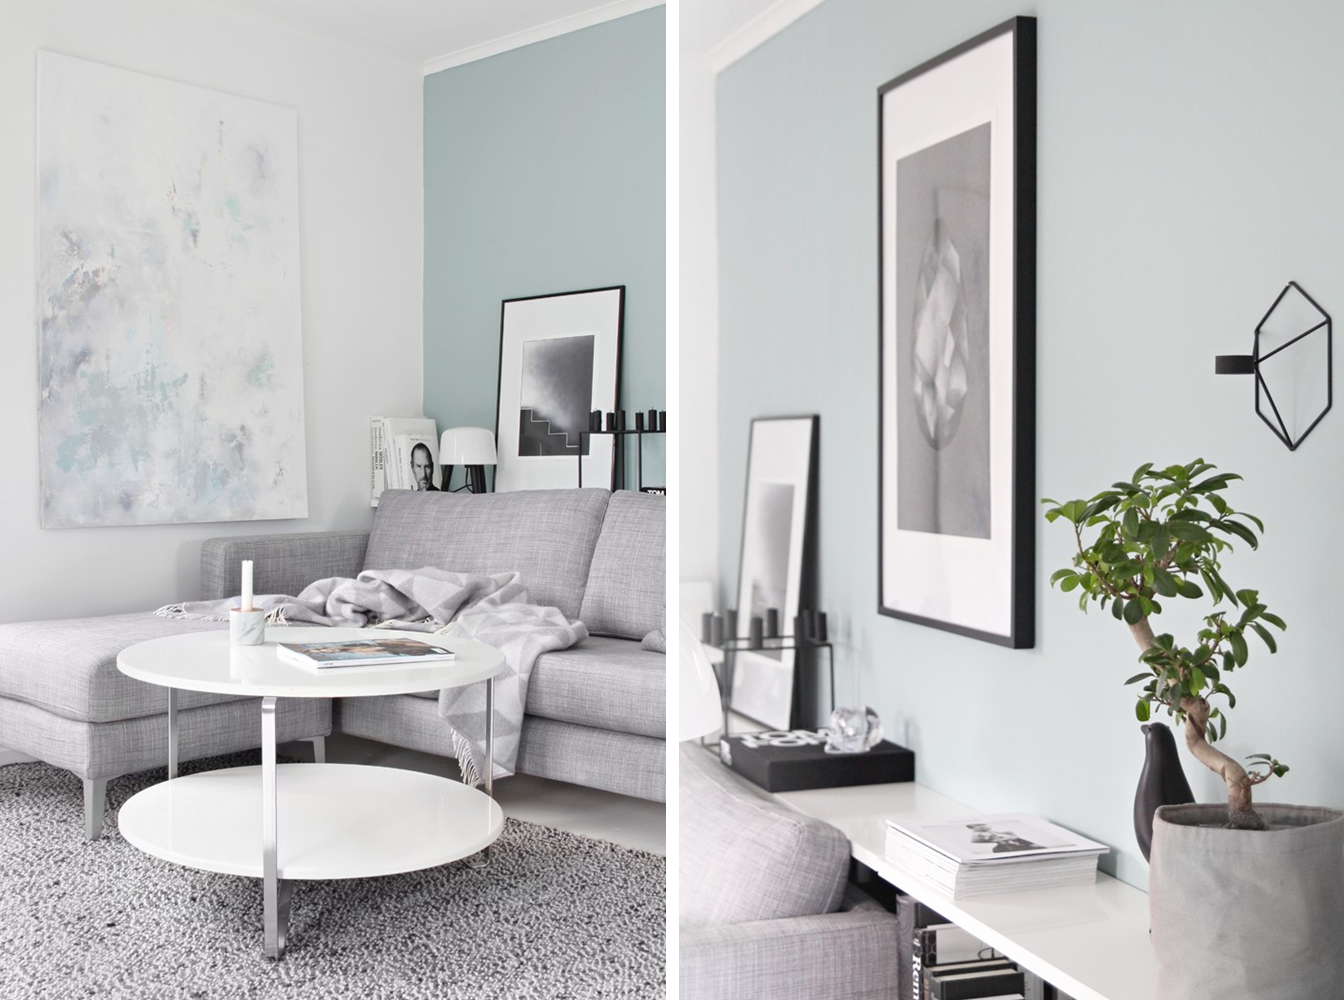 Decoraci n f cil pintar las paredes con el elegante y fresco color blue green - Pintar facil paredes ...